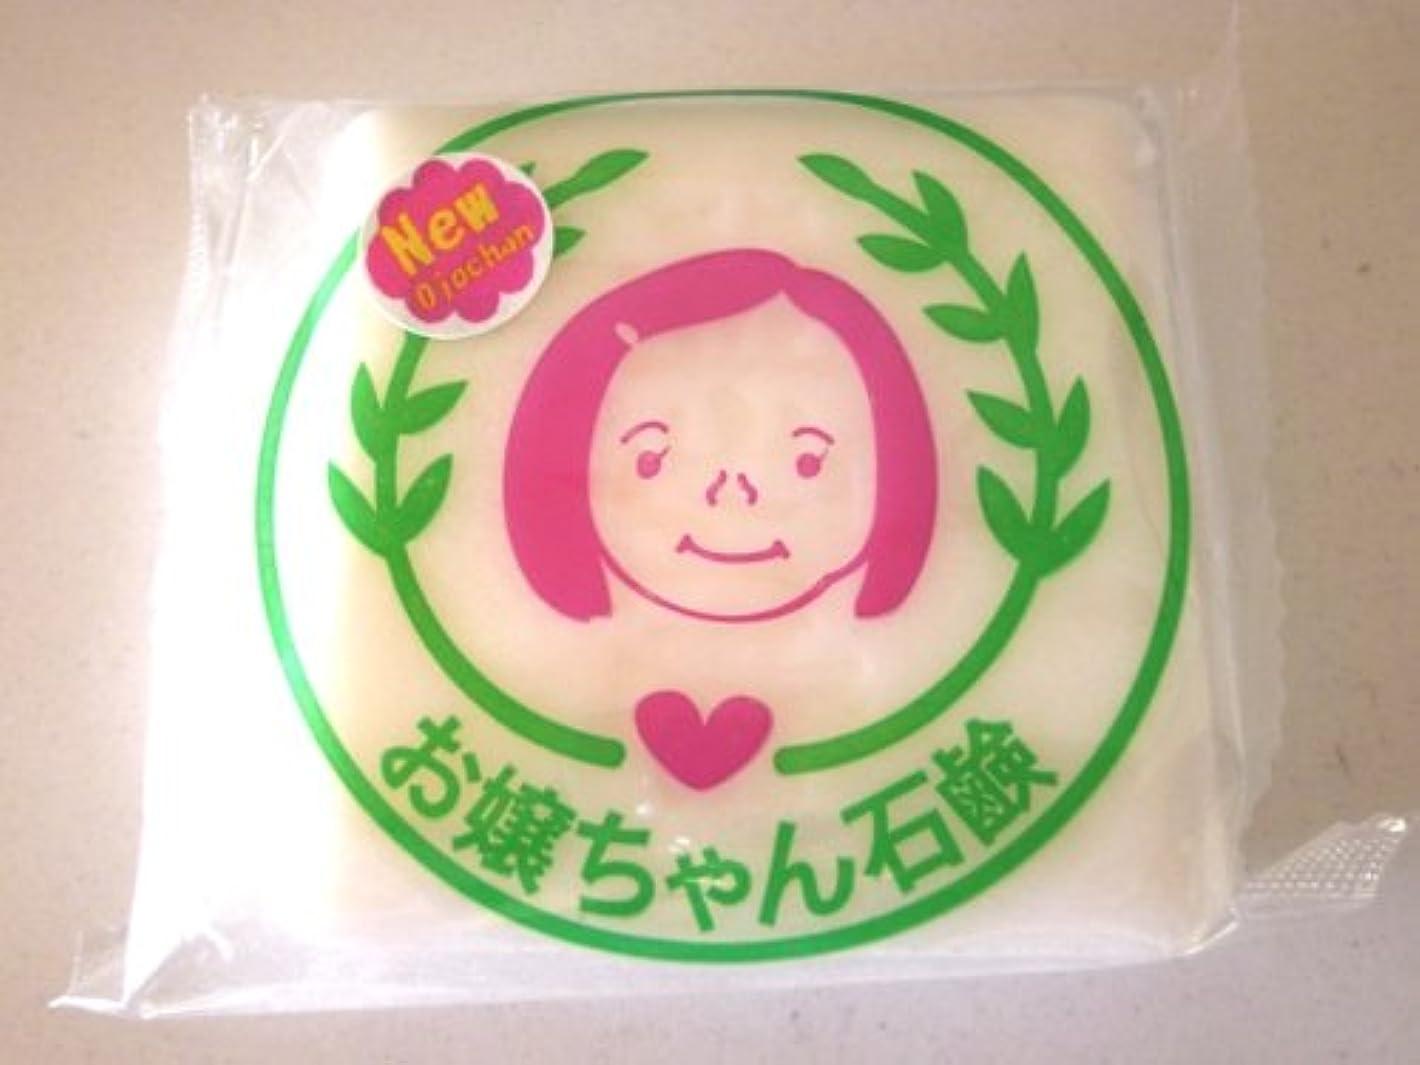 インレイネイティブ本物新しいお嬢ちゃん石鹸(100g)